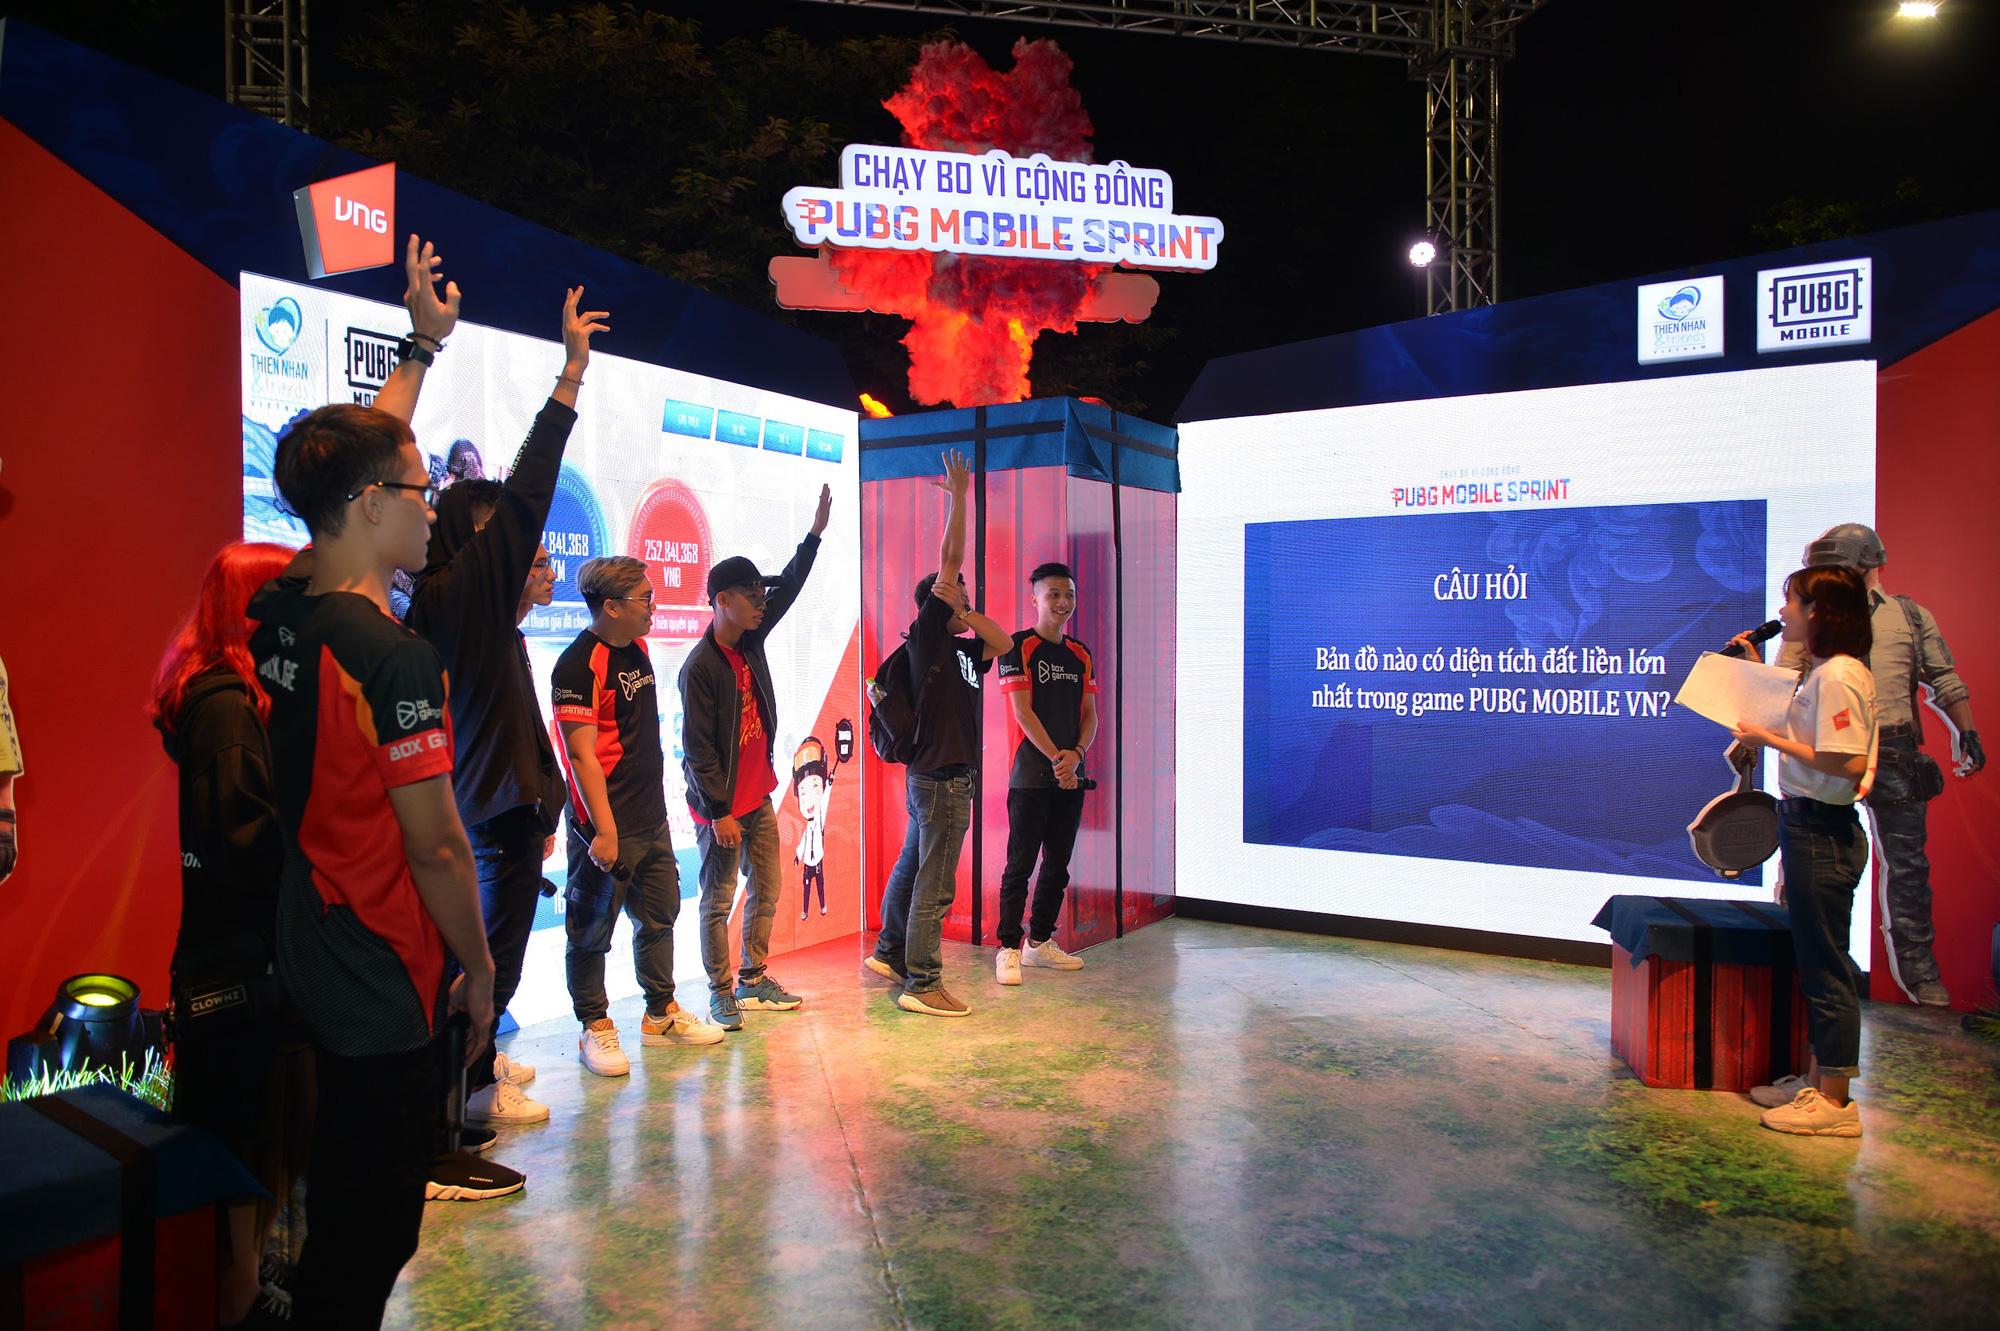 Box Gaming, Ngân Sát Thủ cùng dàn streamer hội tụ tại sự kiện gây quỹ từ thiện PUBG MOBILE SPRINT - Chạy bo vì cộng đồng - Ảnh 10.